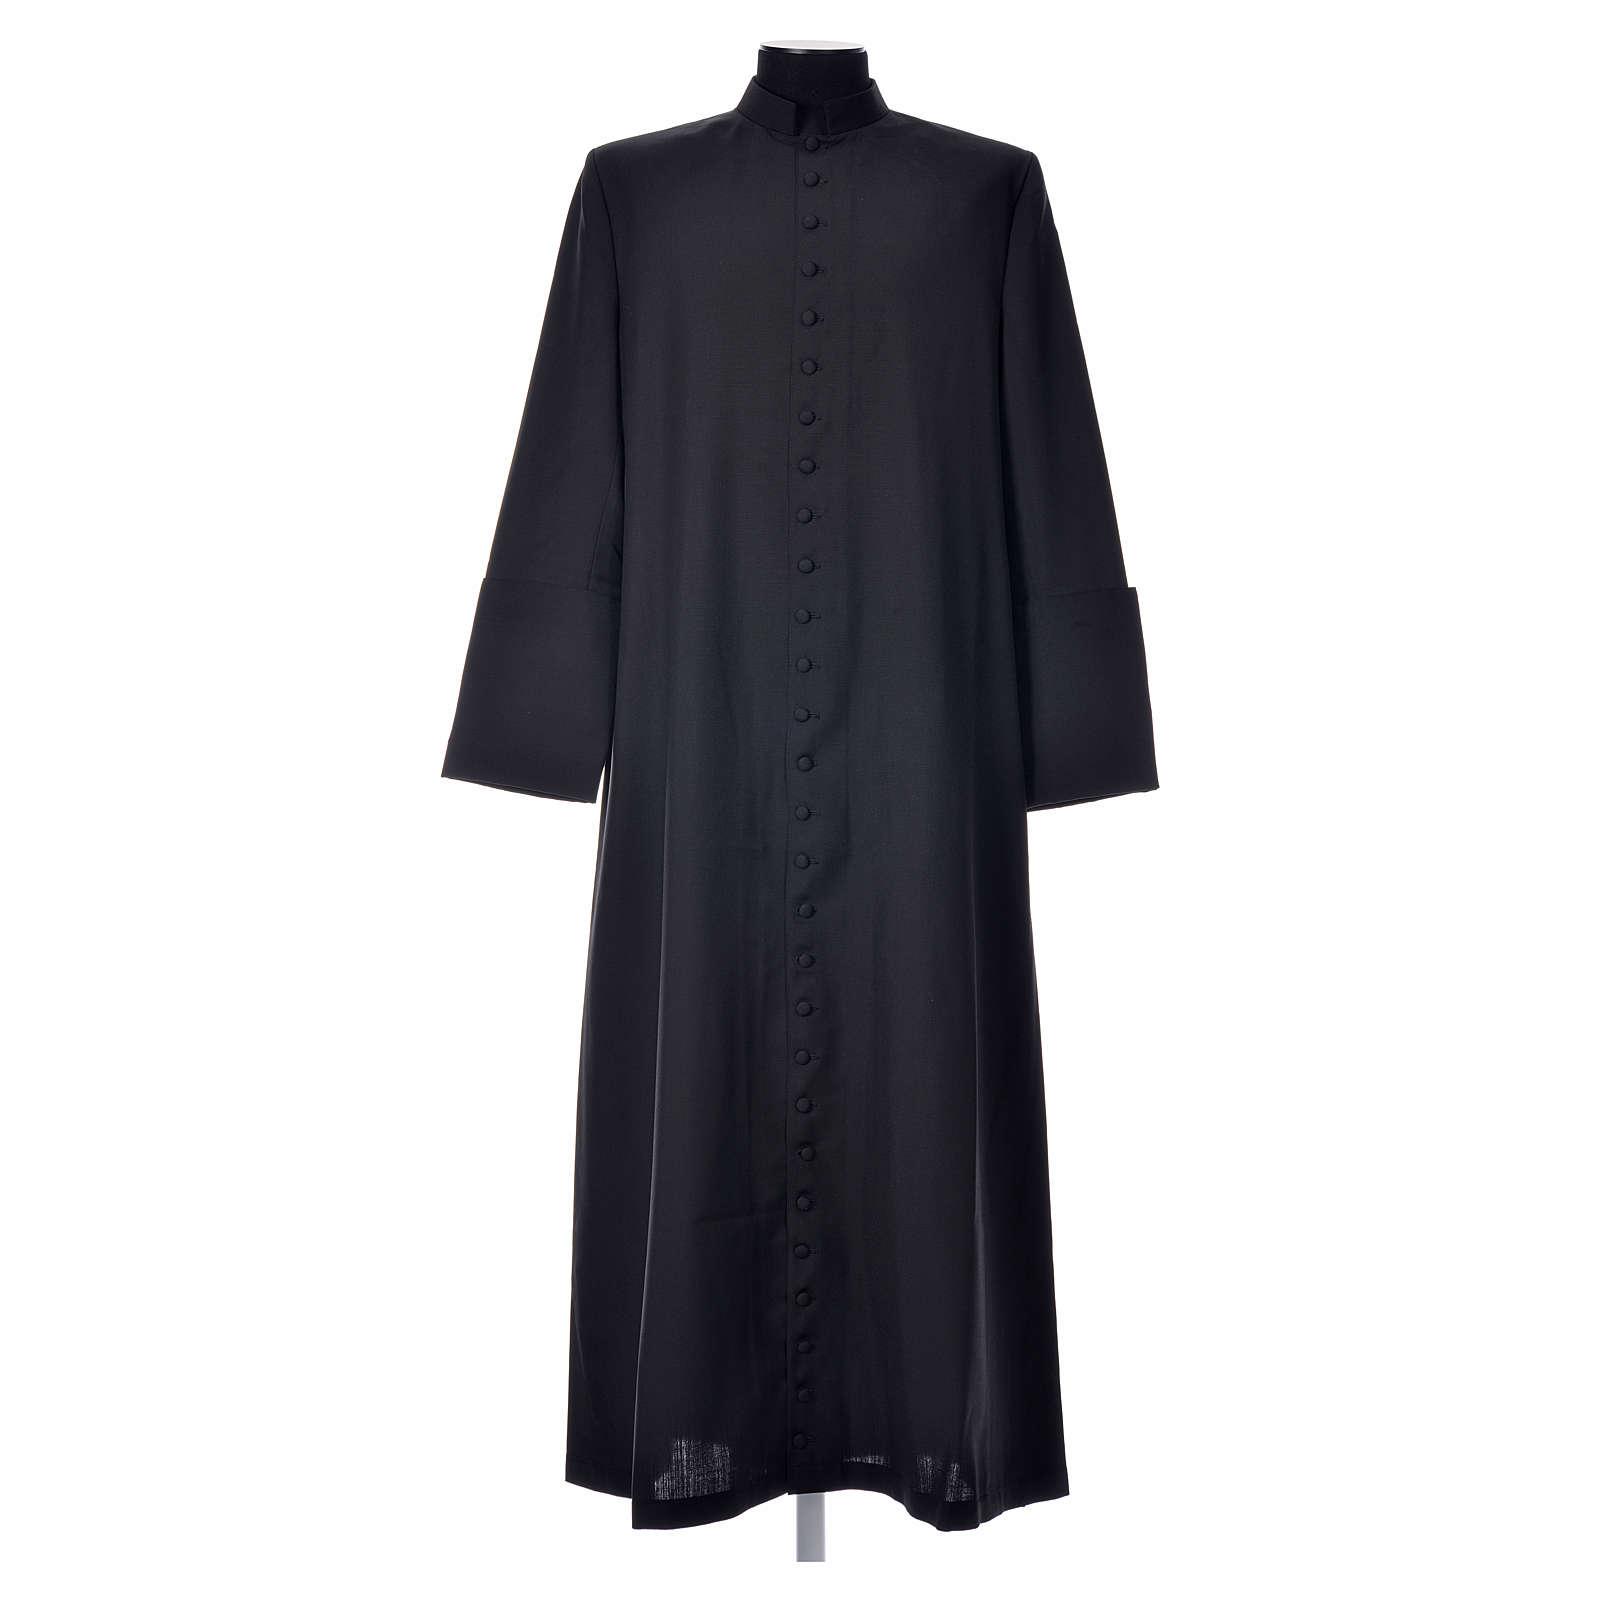 Soutane en laine noire avec boutons couverts 4